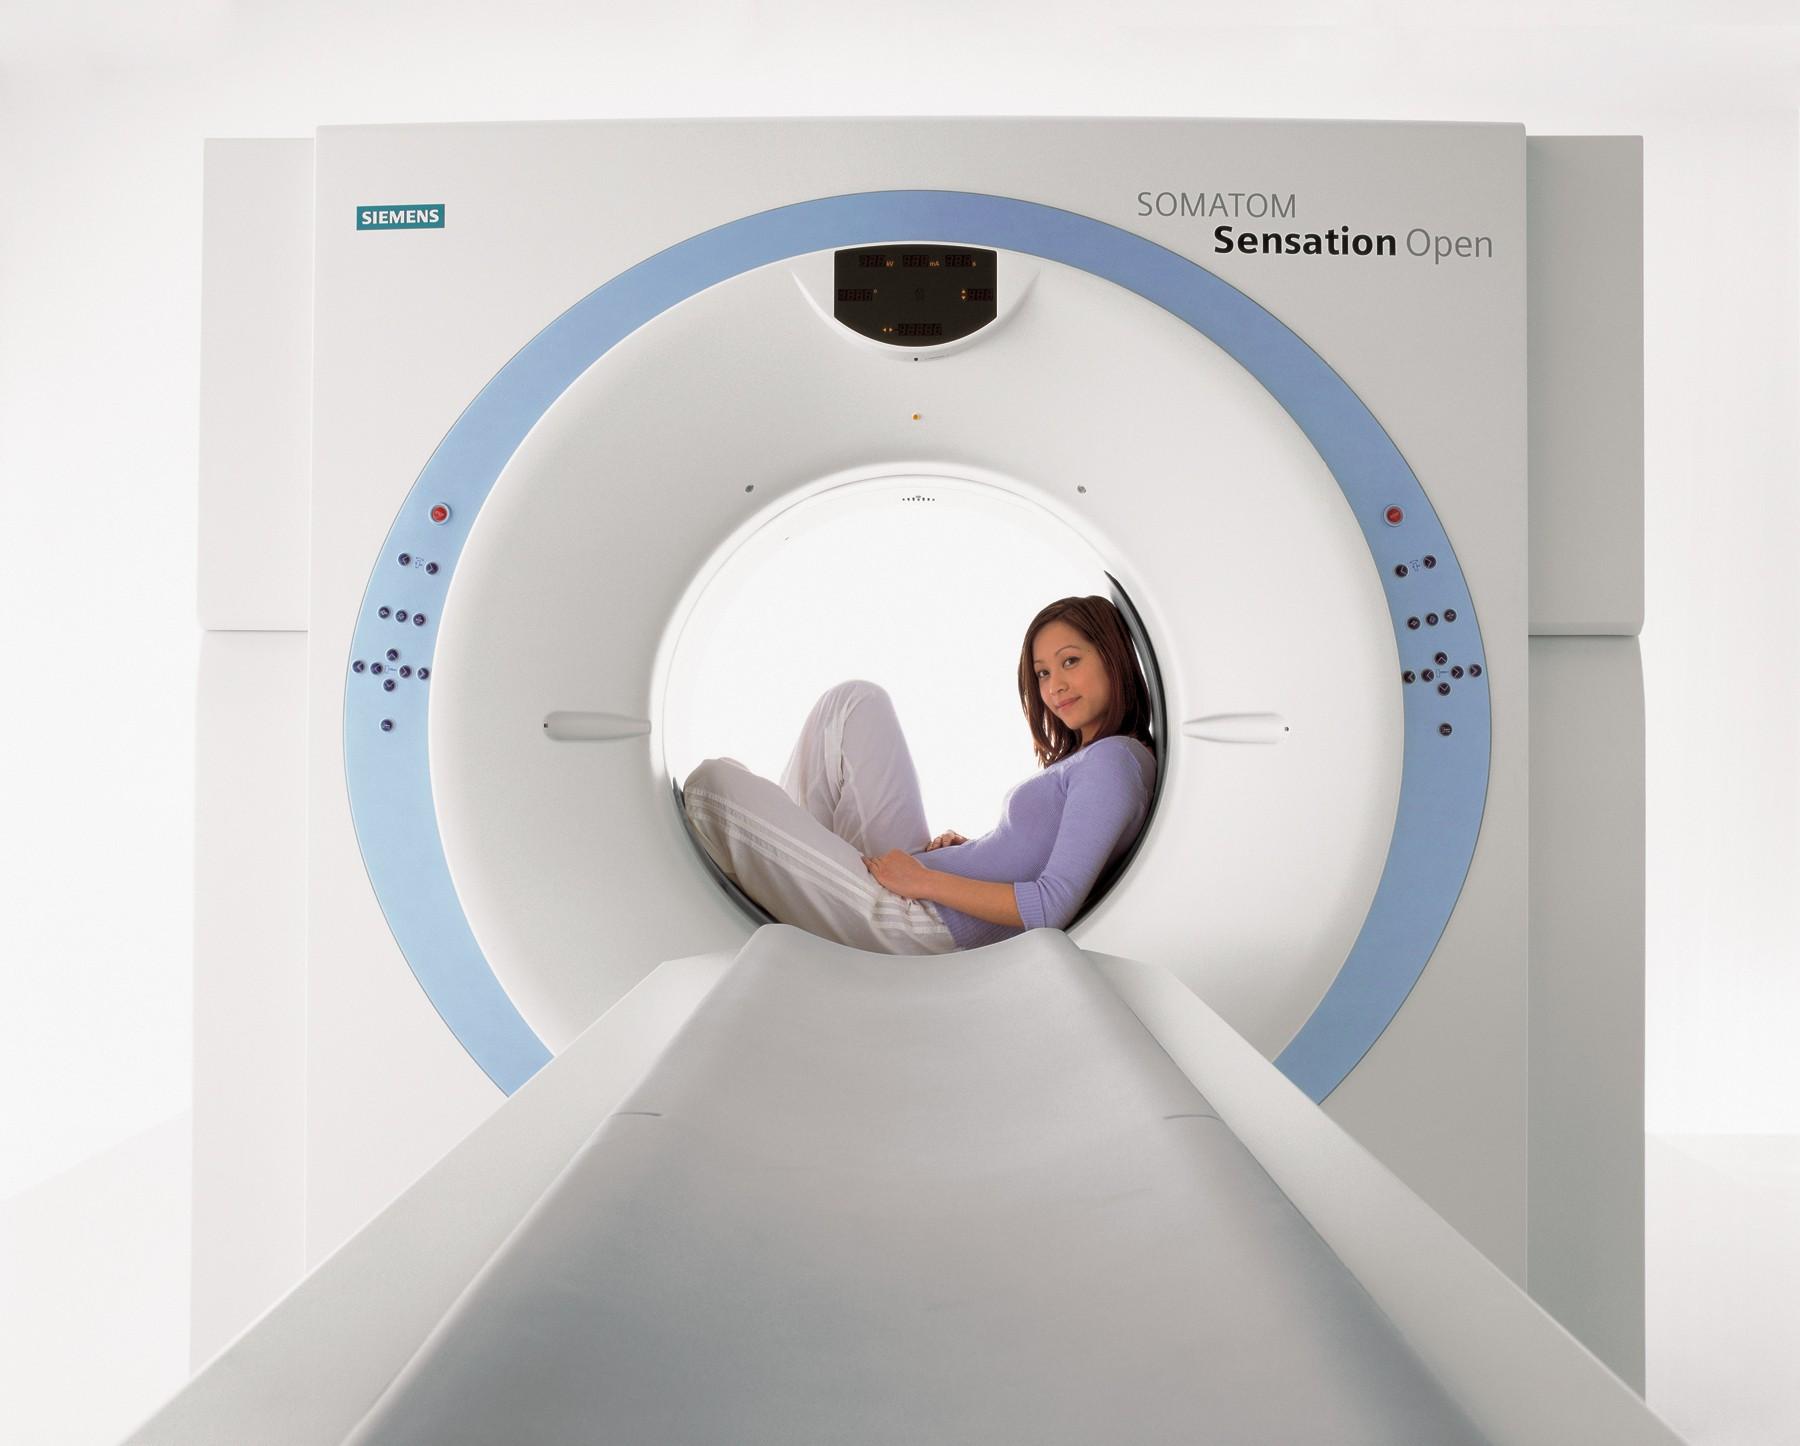 Компьютерная томография (кт): что такое, что лучше мрт или кт брюшной полости и чем отличается, как делают обследование | ревматолог | zaslonovgrad.ru